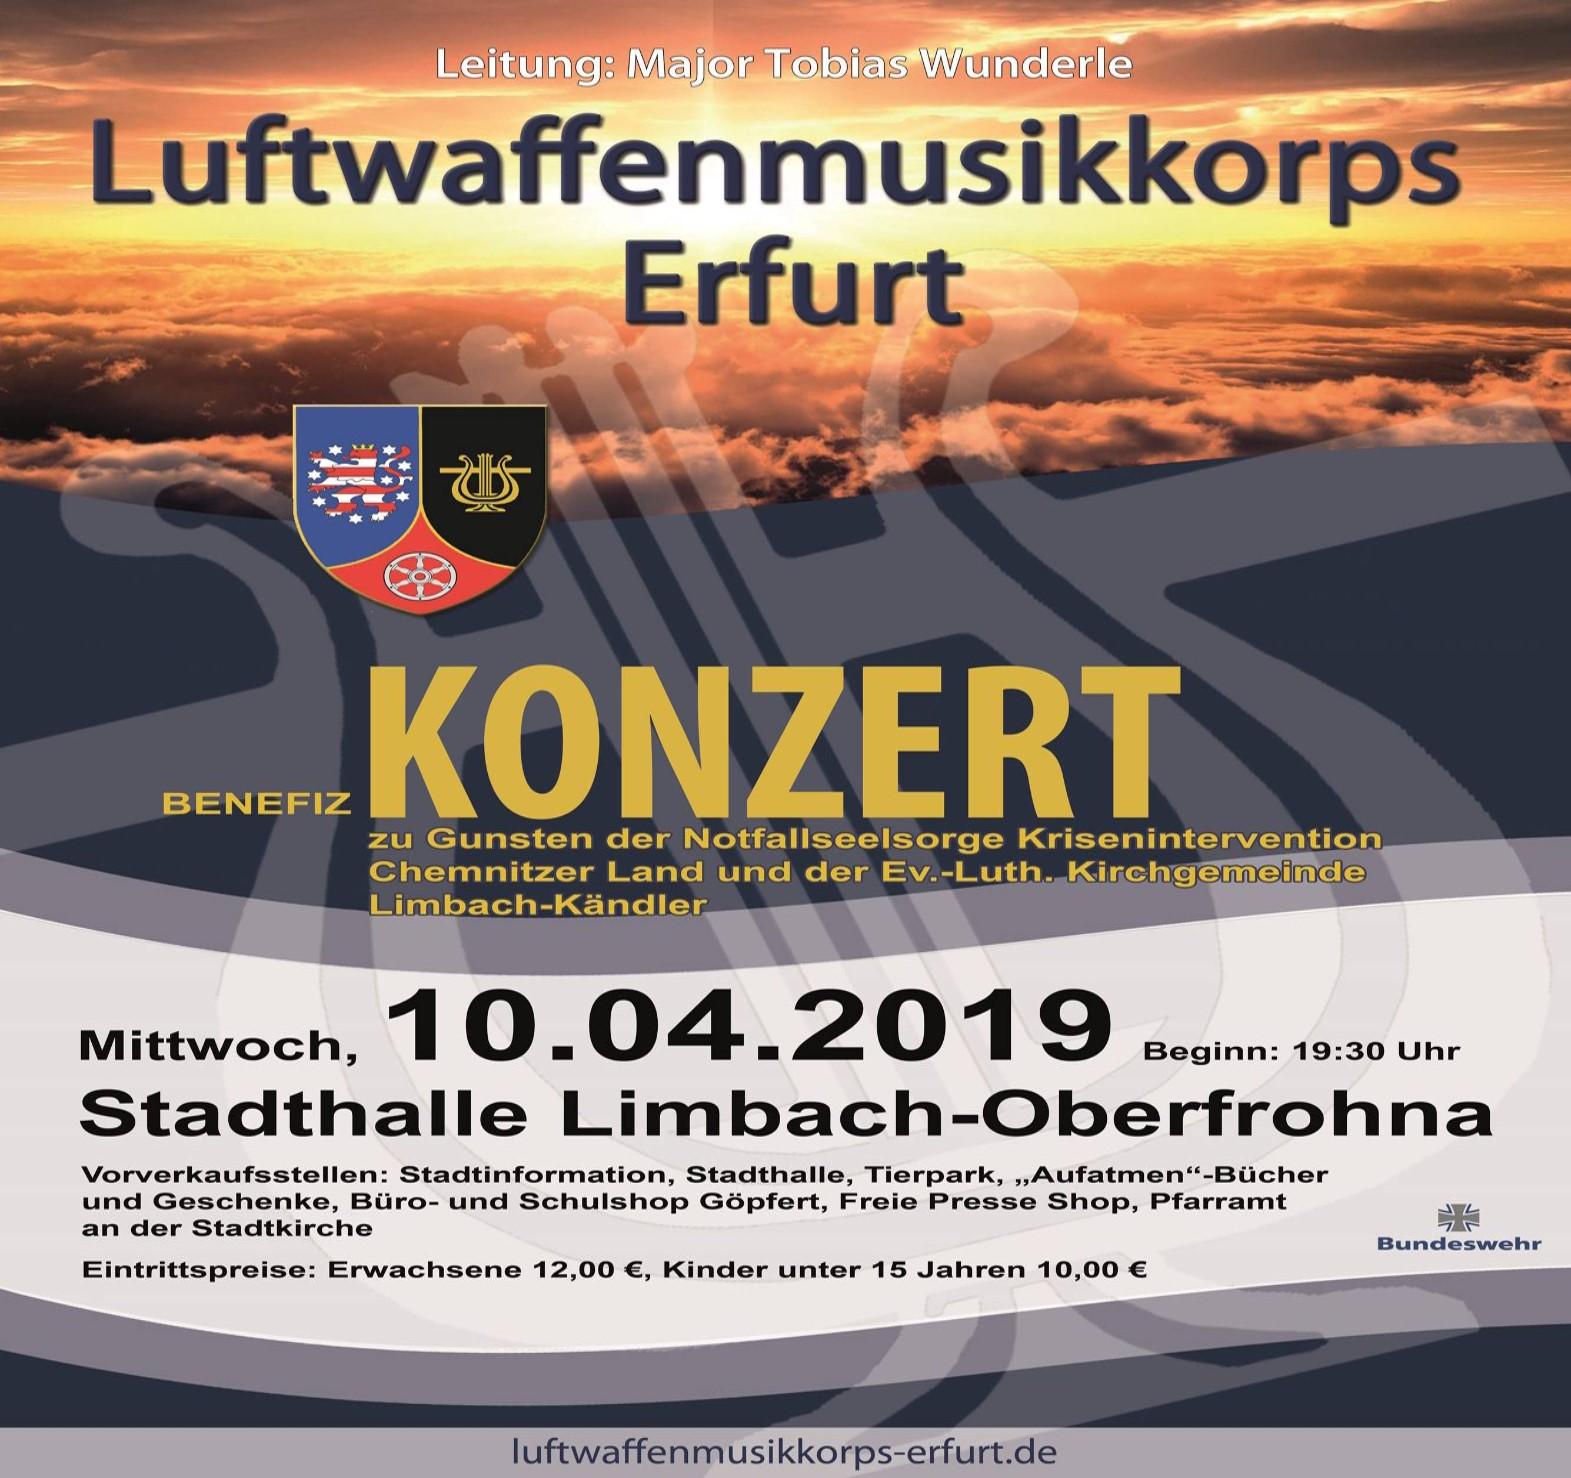 Luftwaffenmusikkorps Erfurt